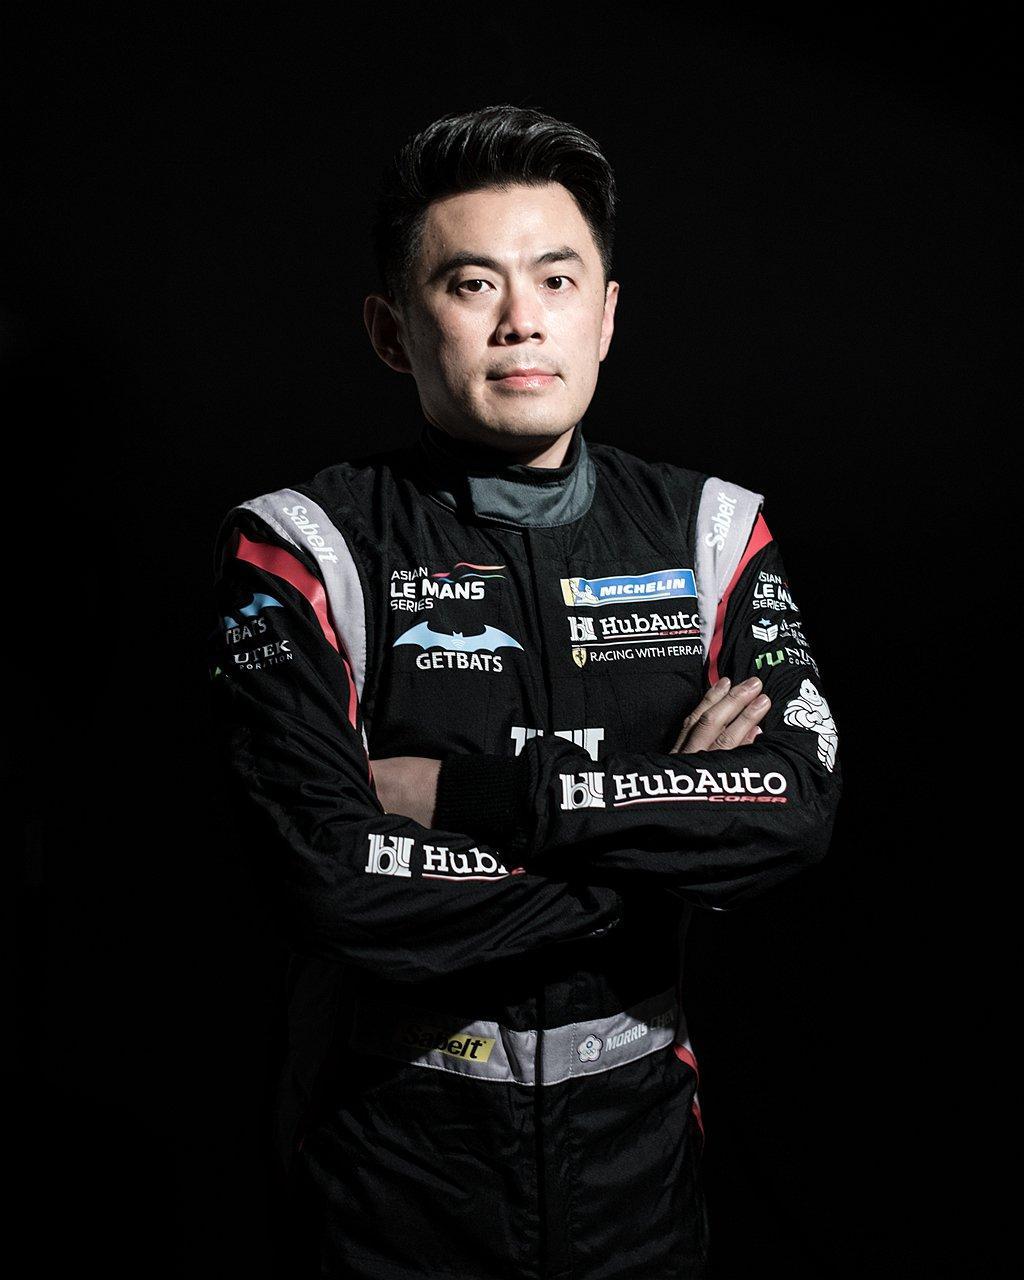 為了讓更多人知道《賽道狂人》的魅力,台灣首位參加利曼車賽的賽車手陳漢承Morri...